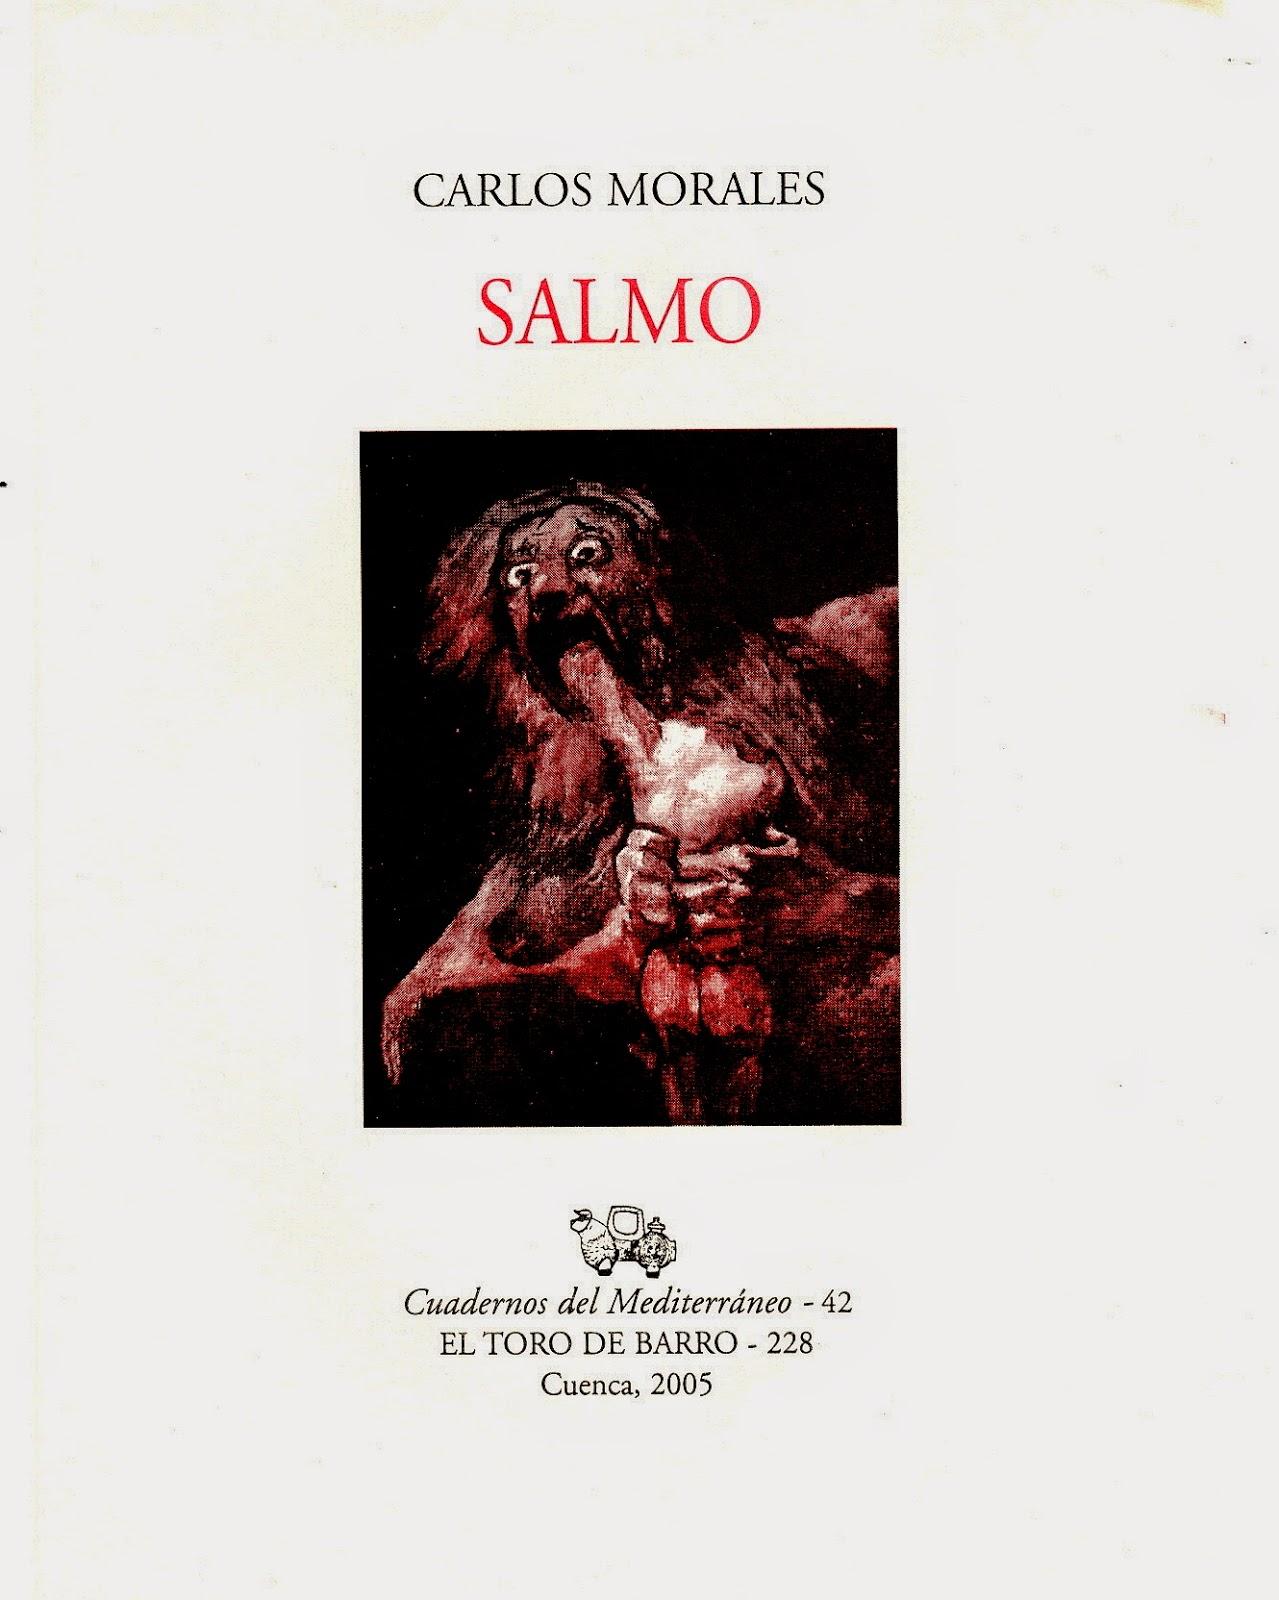 """Carlos Morales, """"Salmo"""" Col. Cuadernos del Mediterráneo  Ed. El Toro de Barro,  Tarancón de Cuenca, 2005.  edicioneseltorodebarro@yahoo.es"""